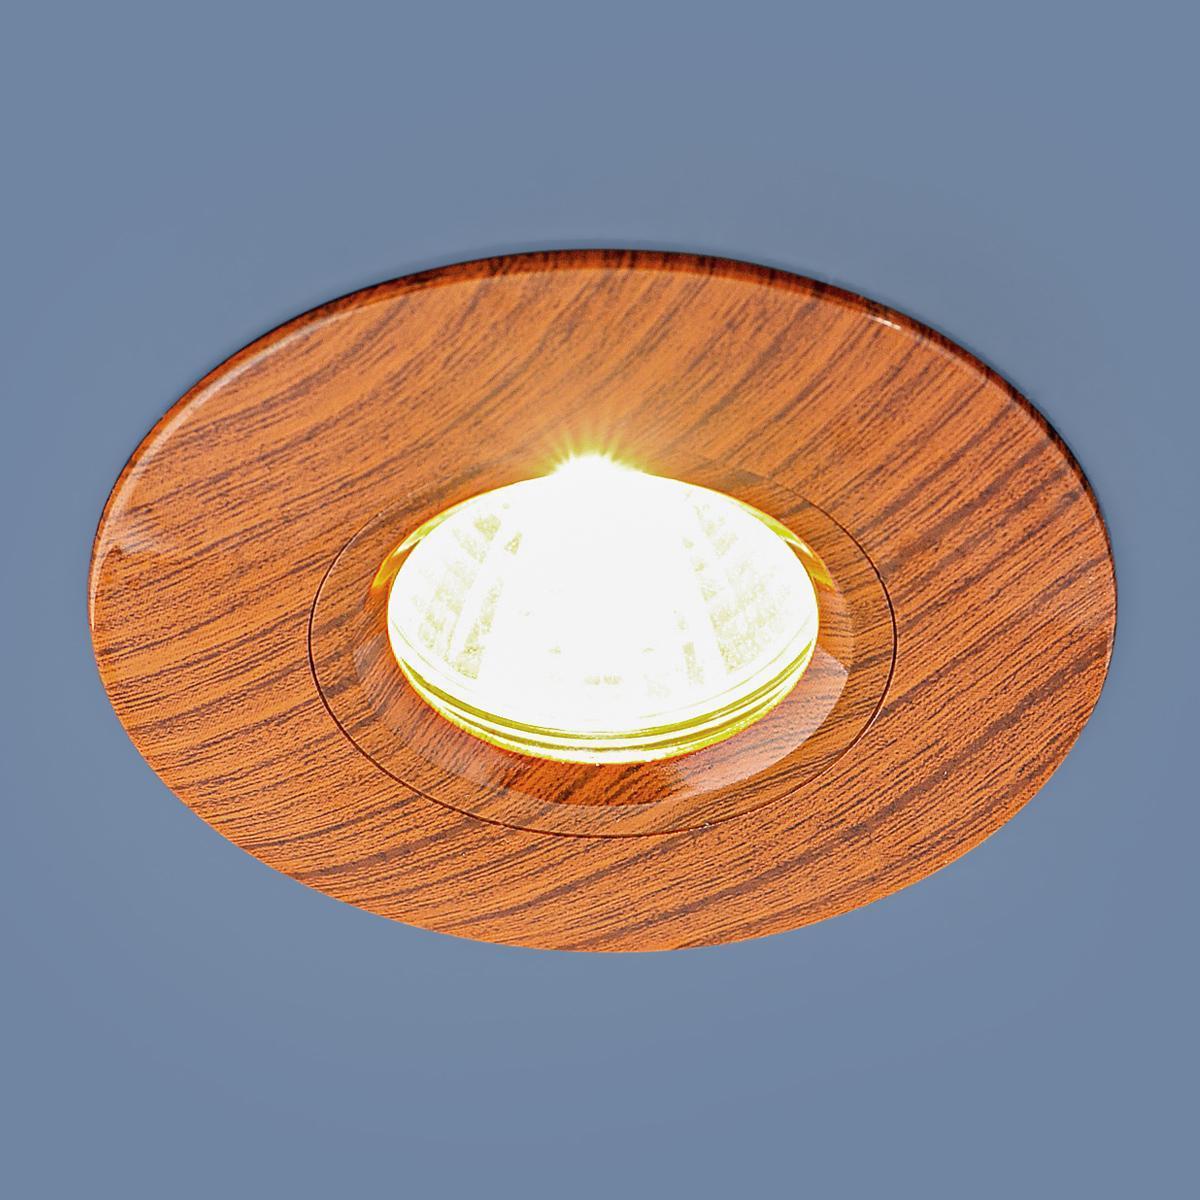 Встраиваемый светильник Elektrostandard 108 MR16 BR дуб 4690389081859 встраиваемый светильник elektrostandard 108 mr16 bg беленый дуб 4690389081866